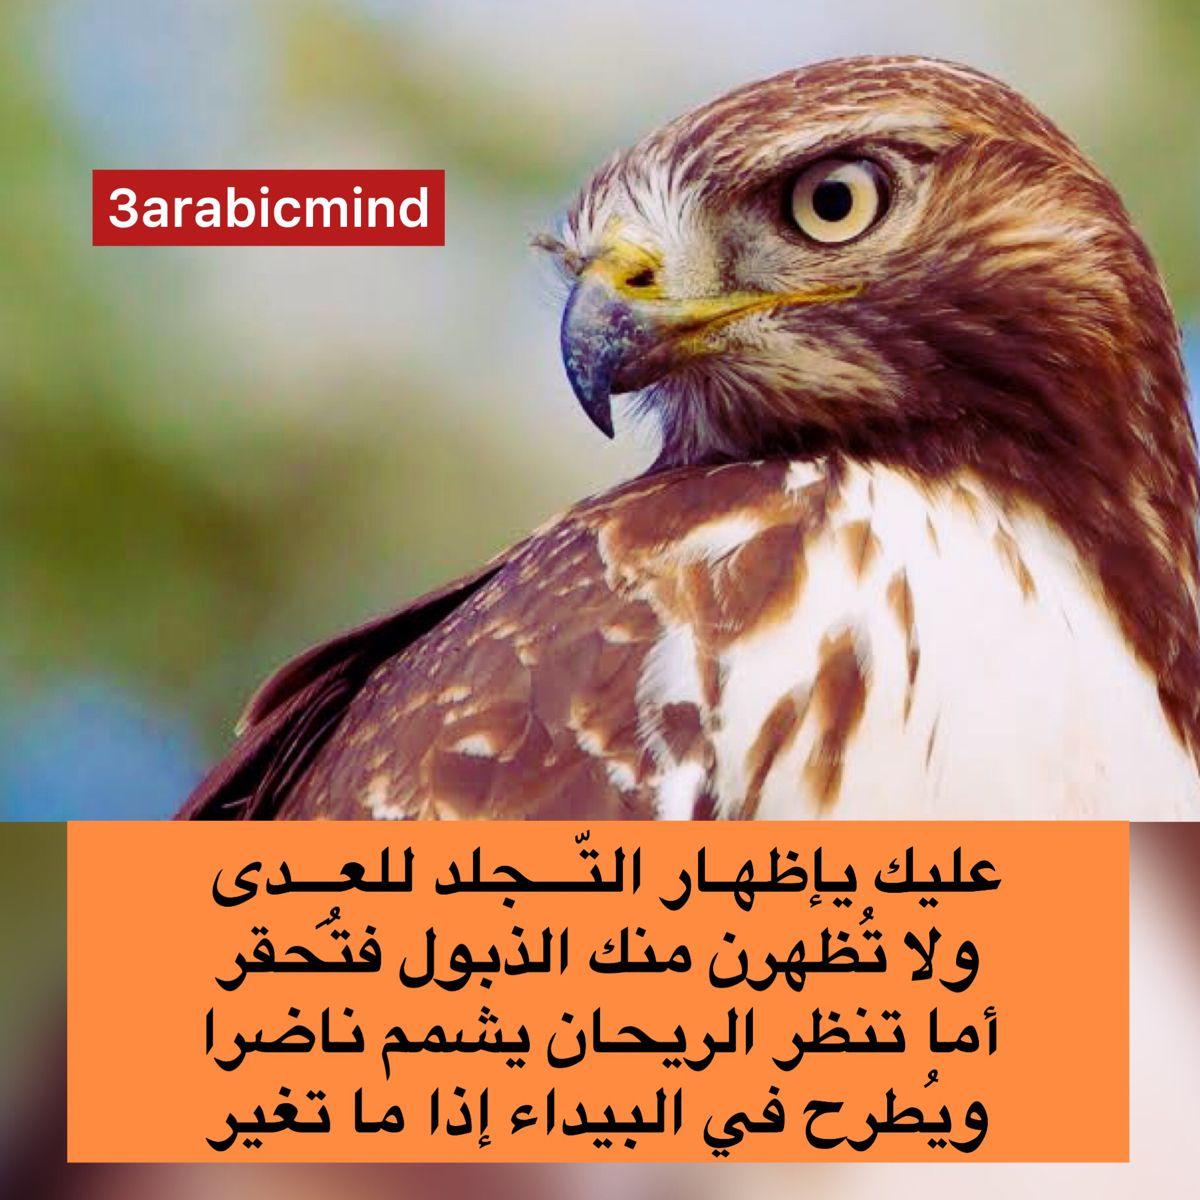 اظهر قوة تحملك و صبرك امام الاعداء Arabic Words Words